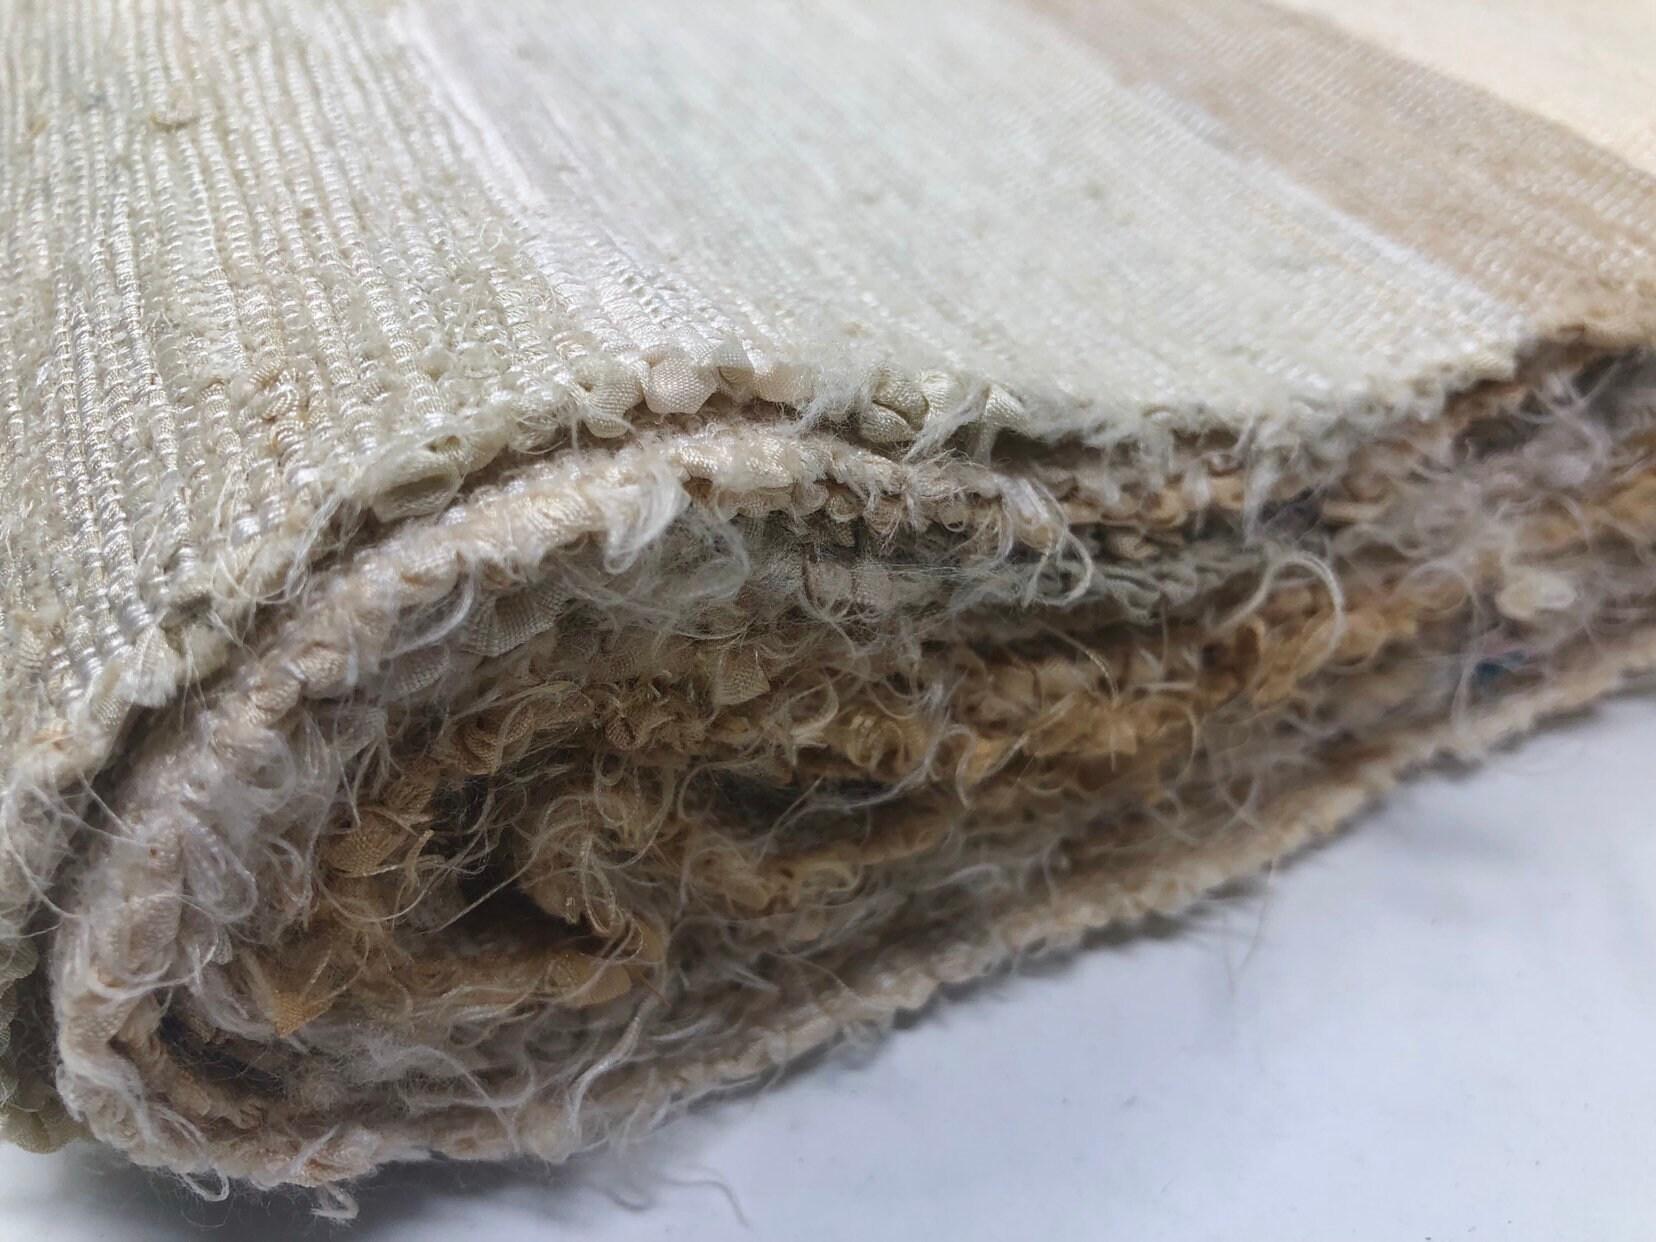 Blanc à base de tissu de boro boro boro Sakiori(rag weaving) Long ad5e52